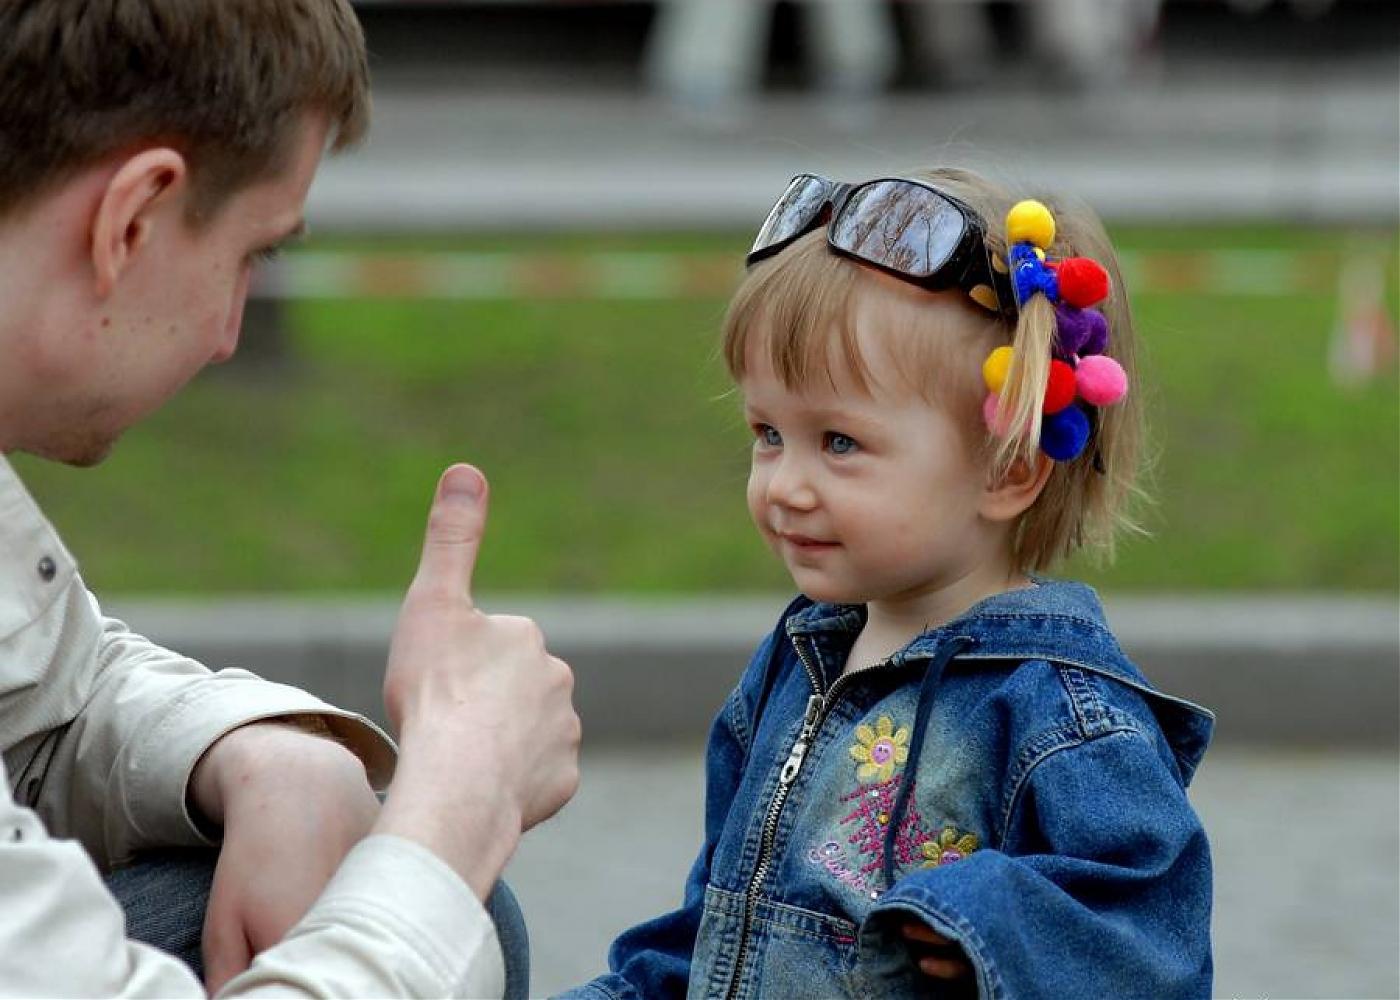 Повышаем самооценку ребёнку: эффективные советы для родителей